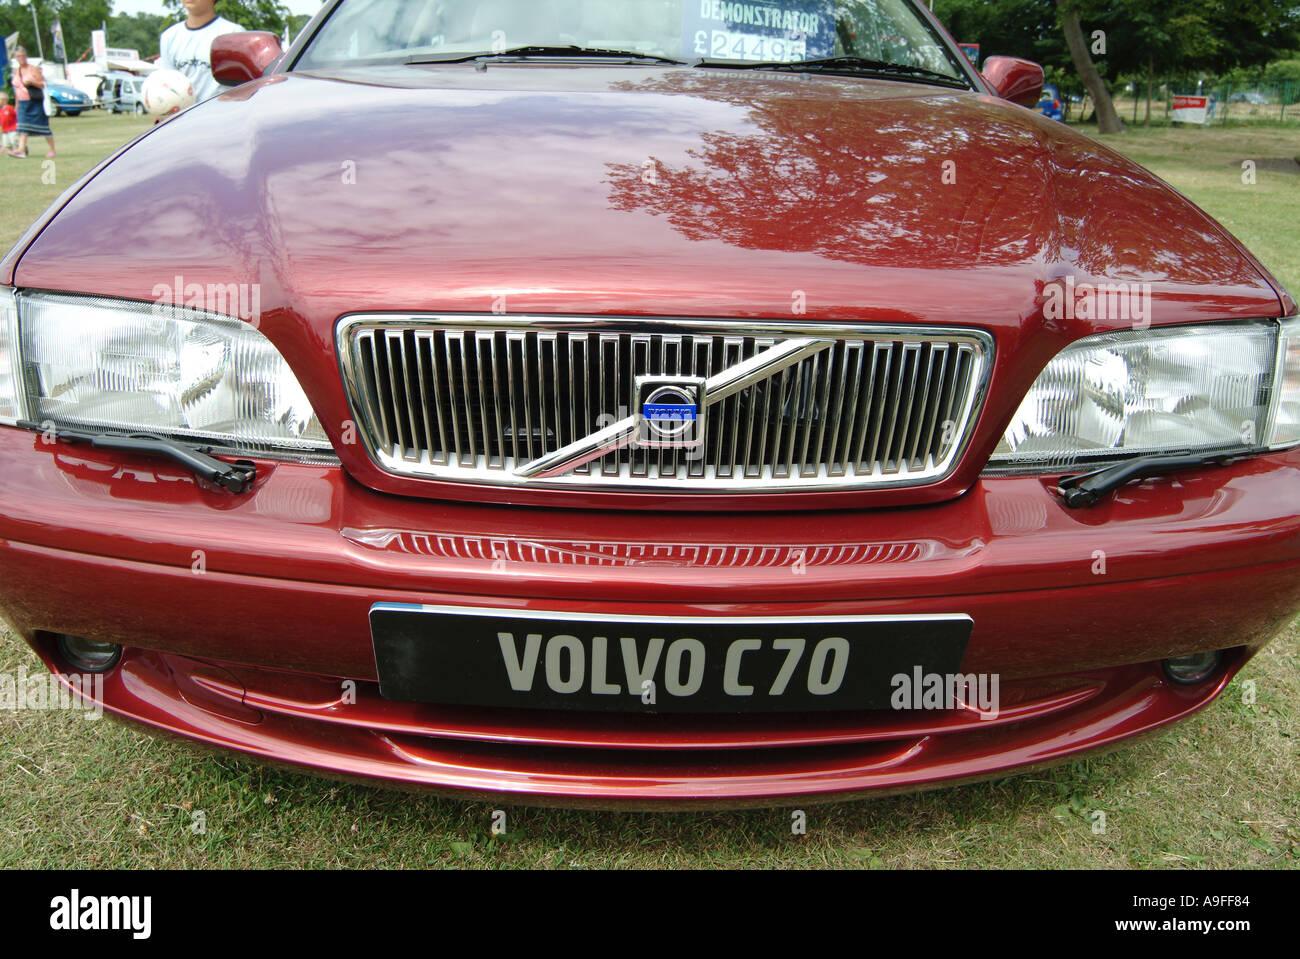 volvo sweden s60 New car Finance dealer show 0 Car sale car badge ...